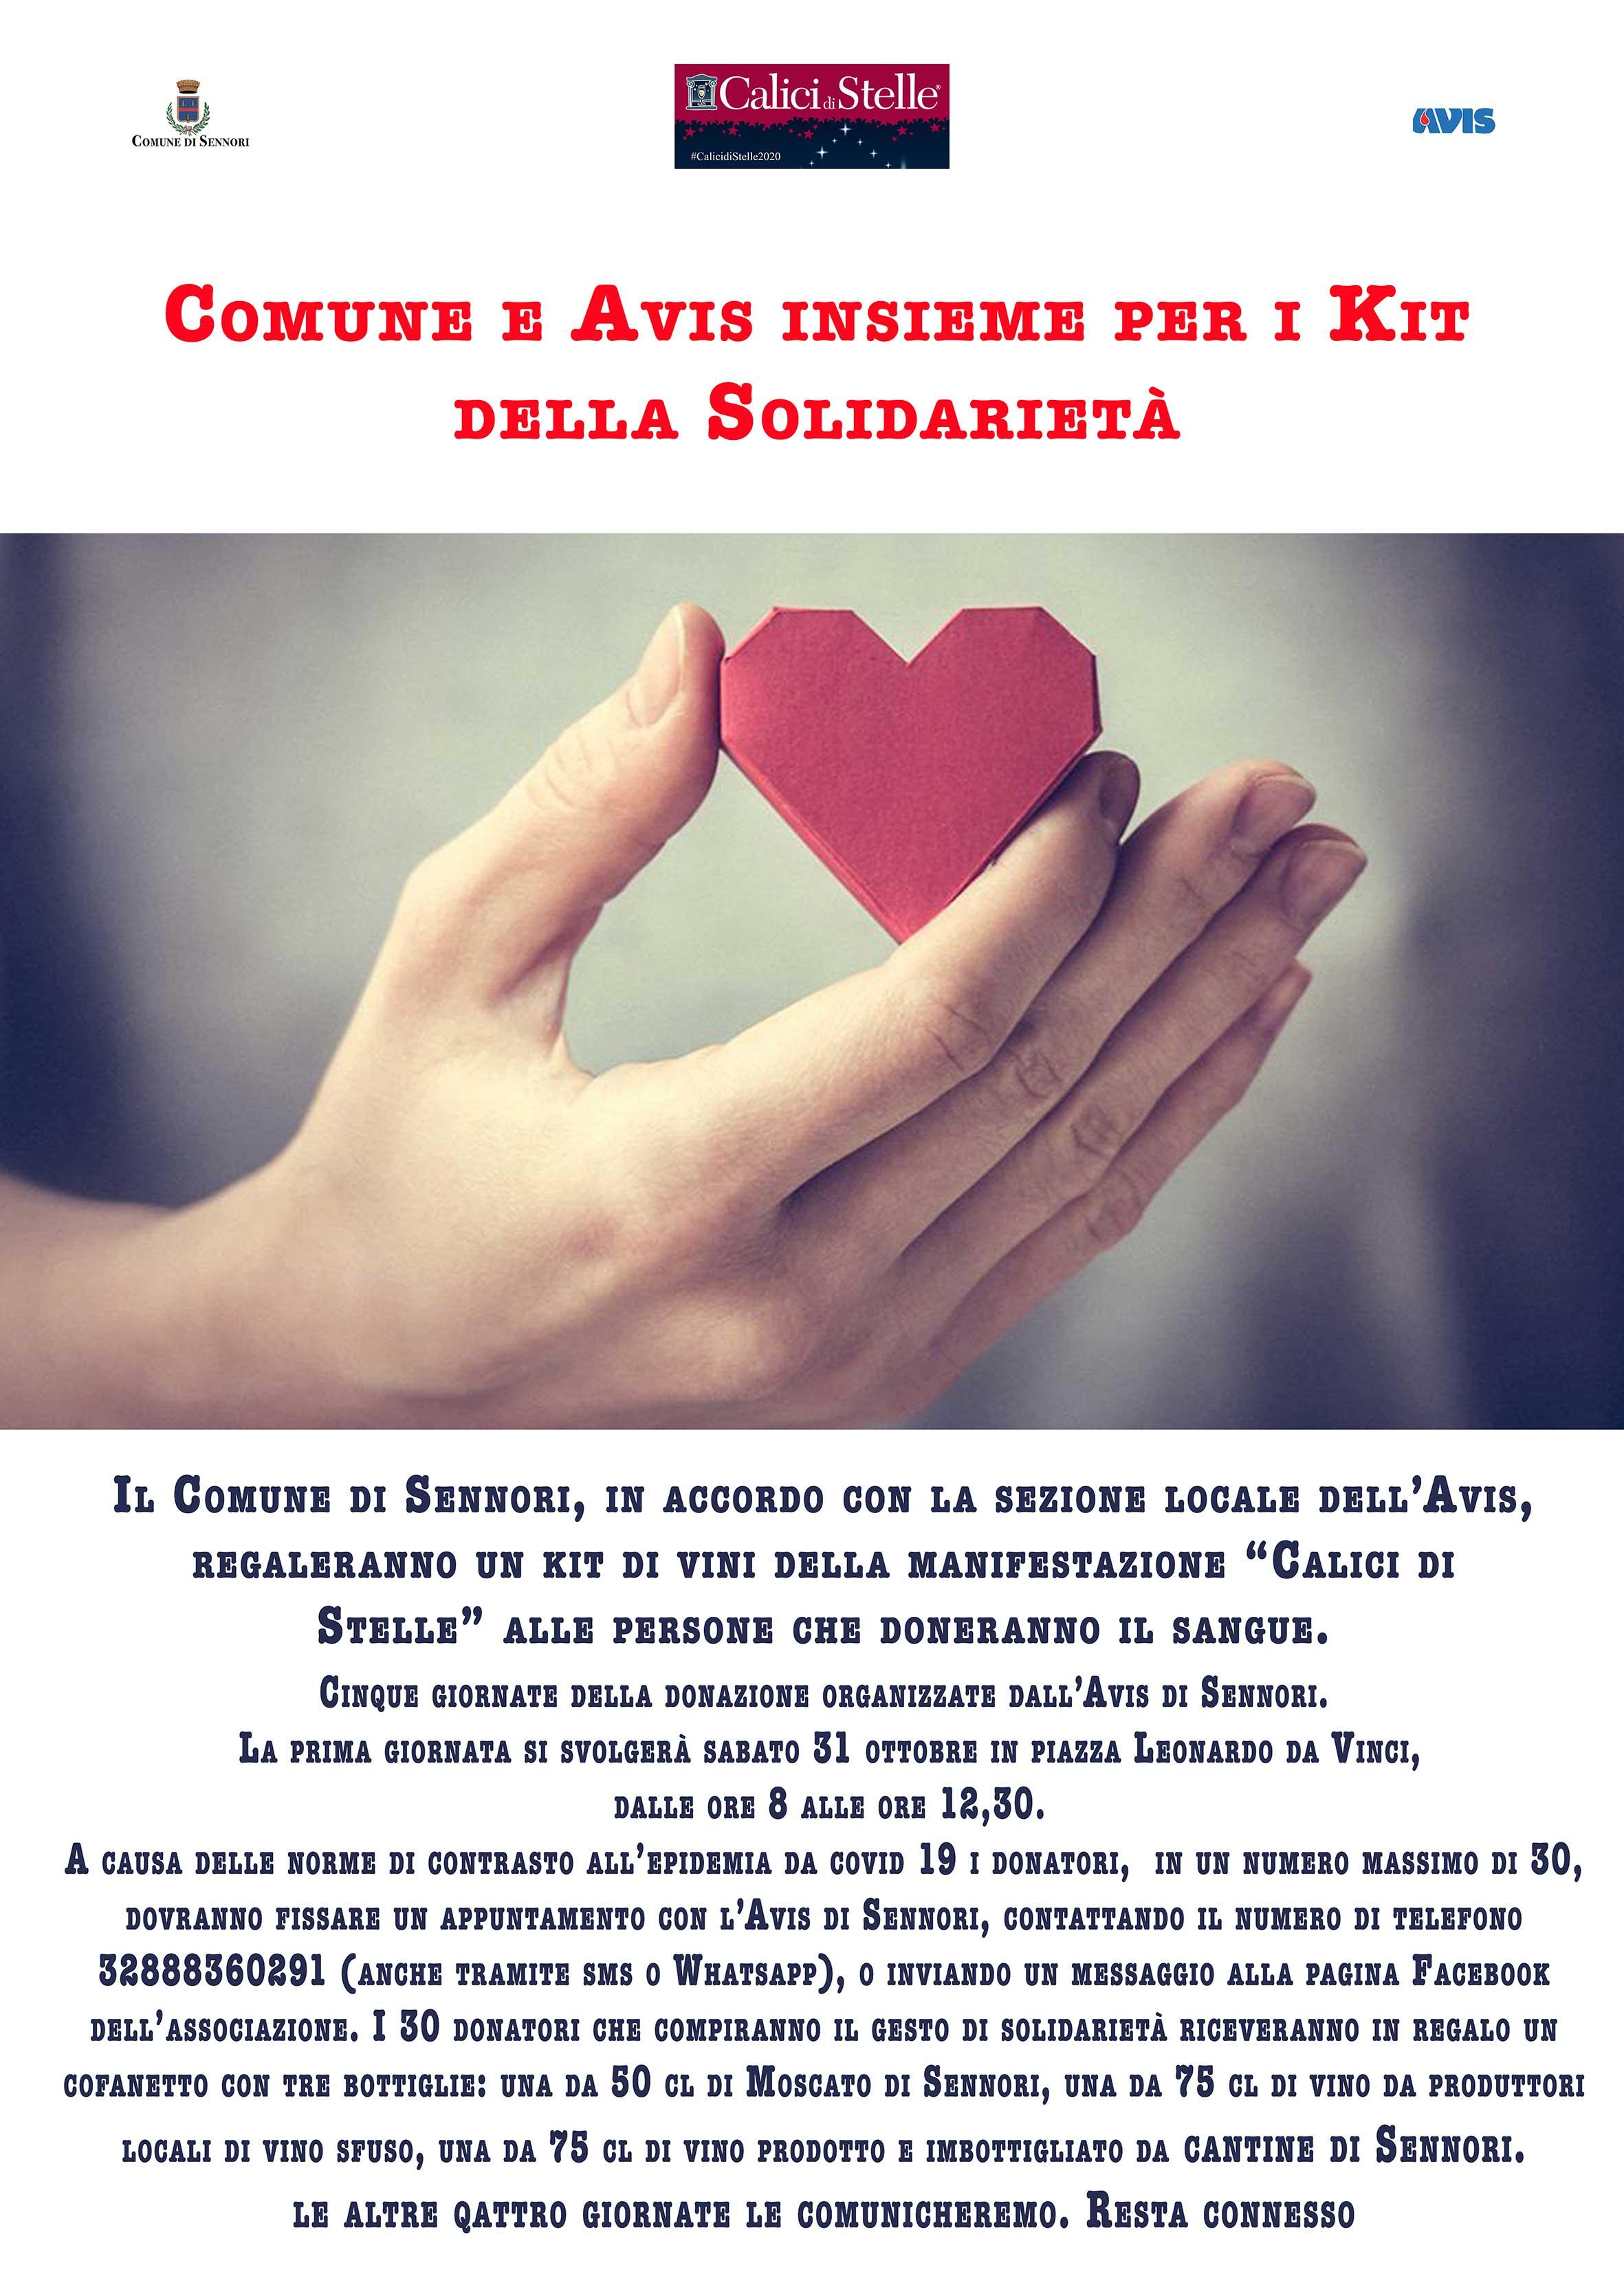 Comune di Sennori e Avis insieme  per i Kit della Solidarietà